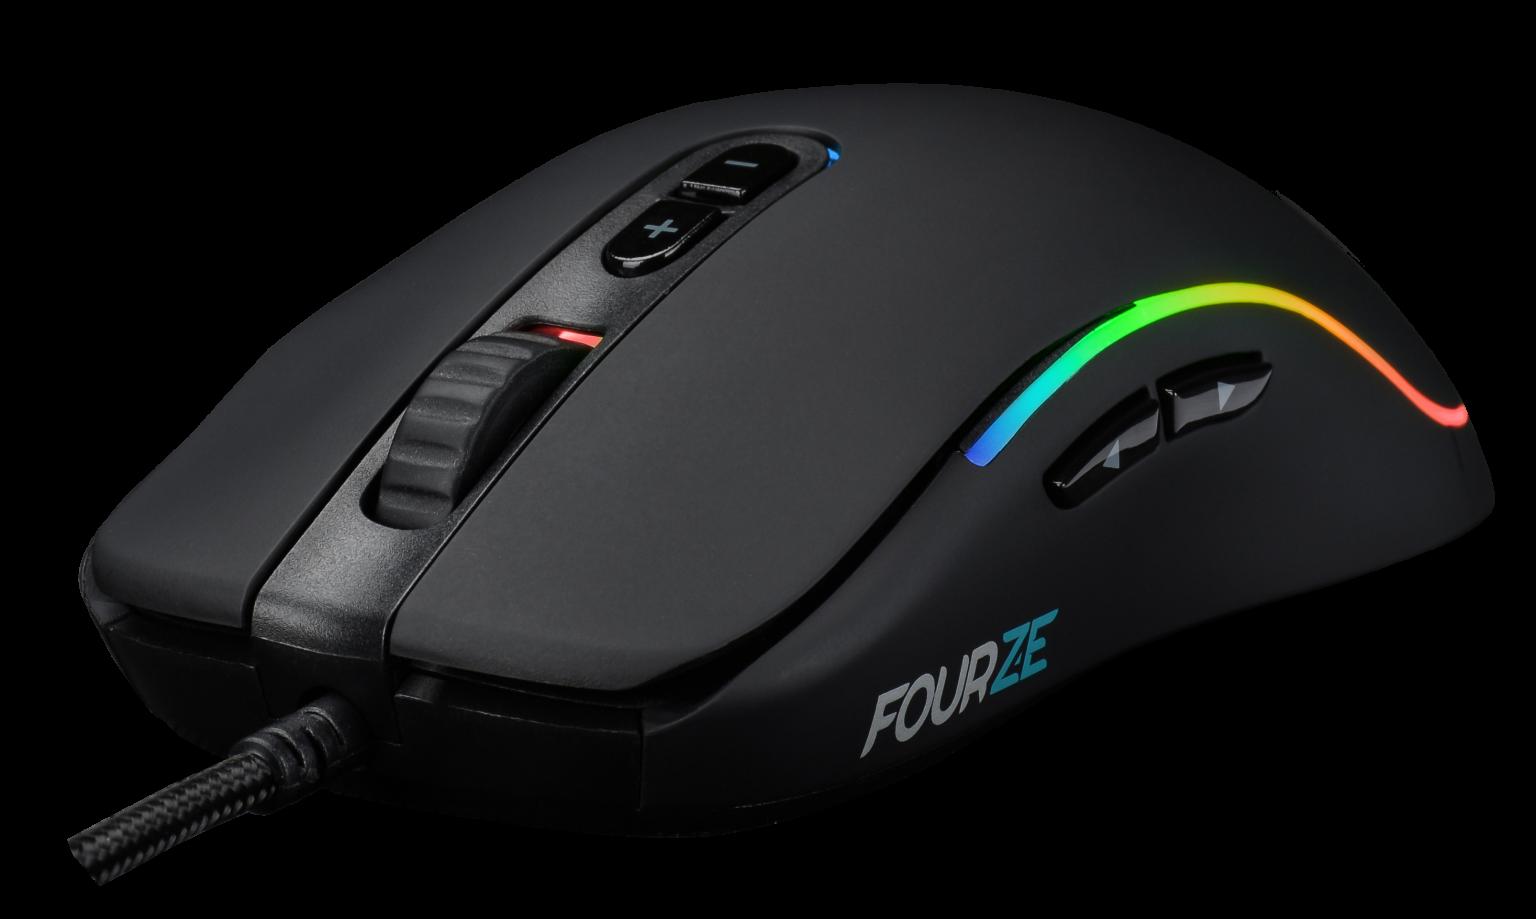 FOURZE GM700 sort gaming mus set forrest til venstre med RGB